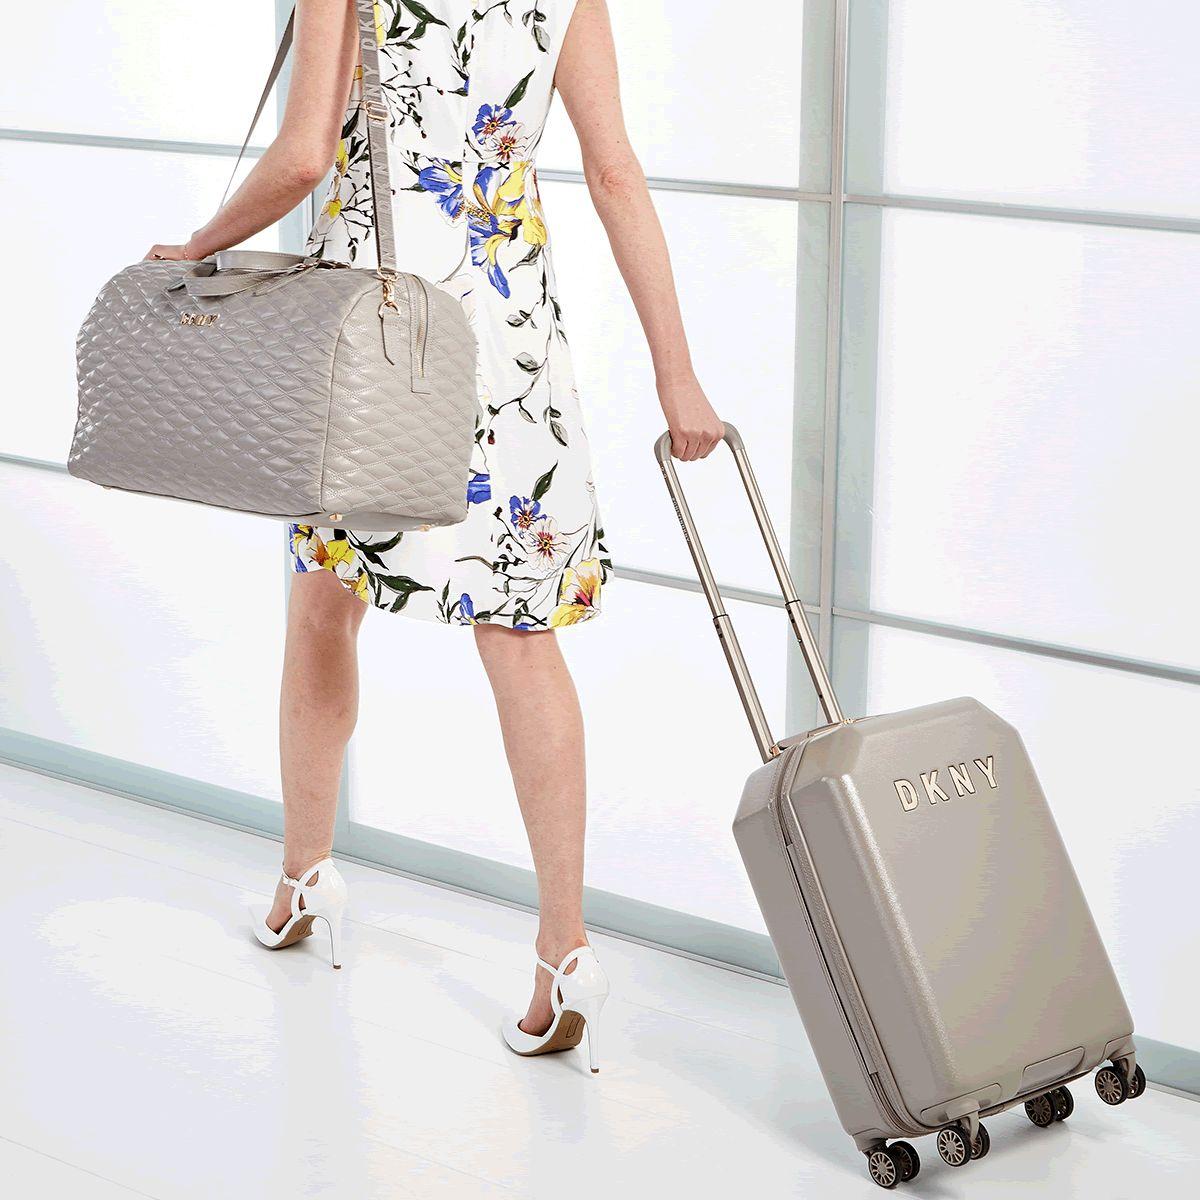 572134969a Fashion Luggage - Baggage & Luggage - Macy's